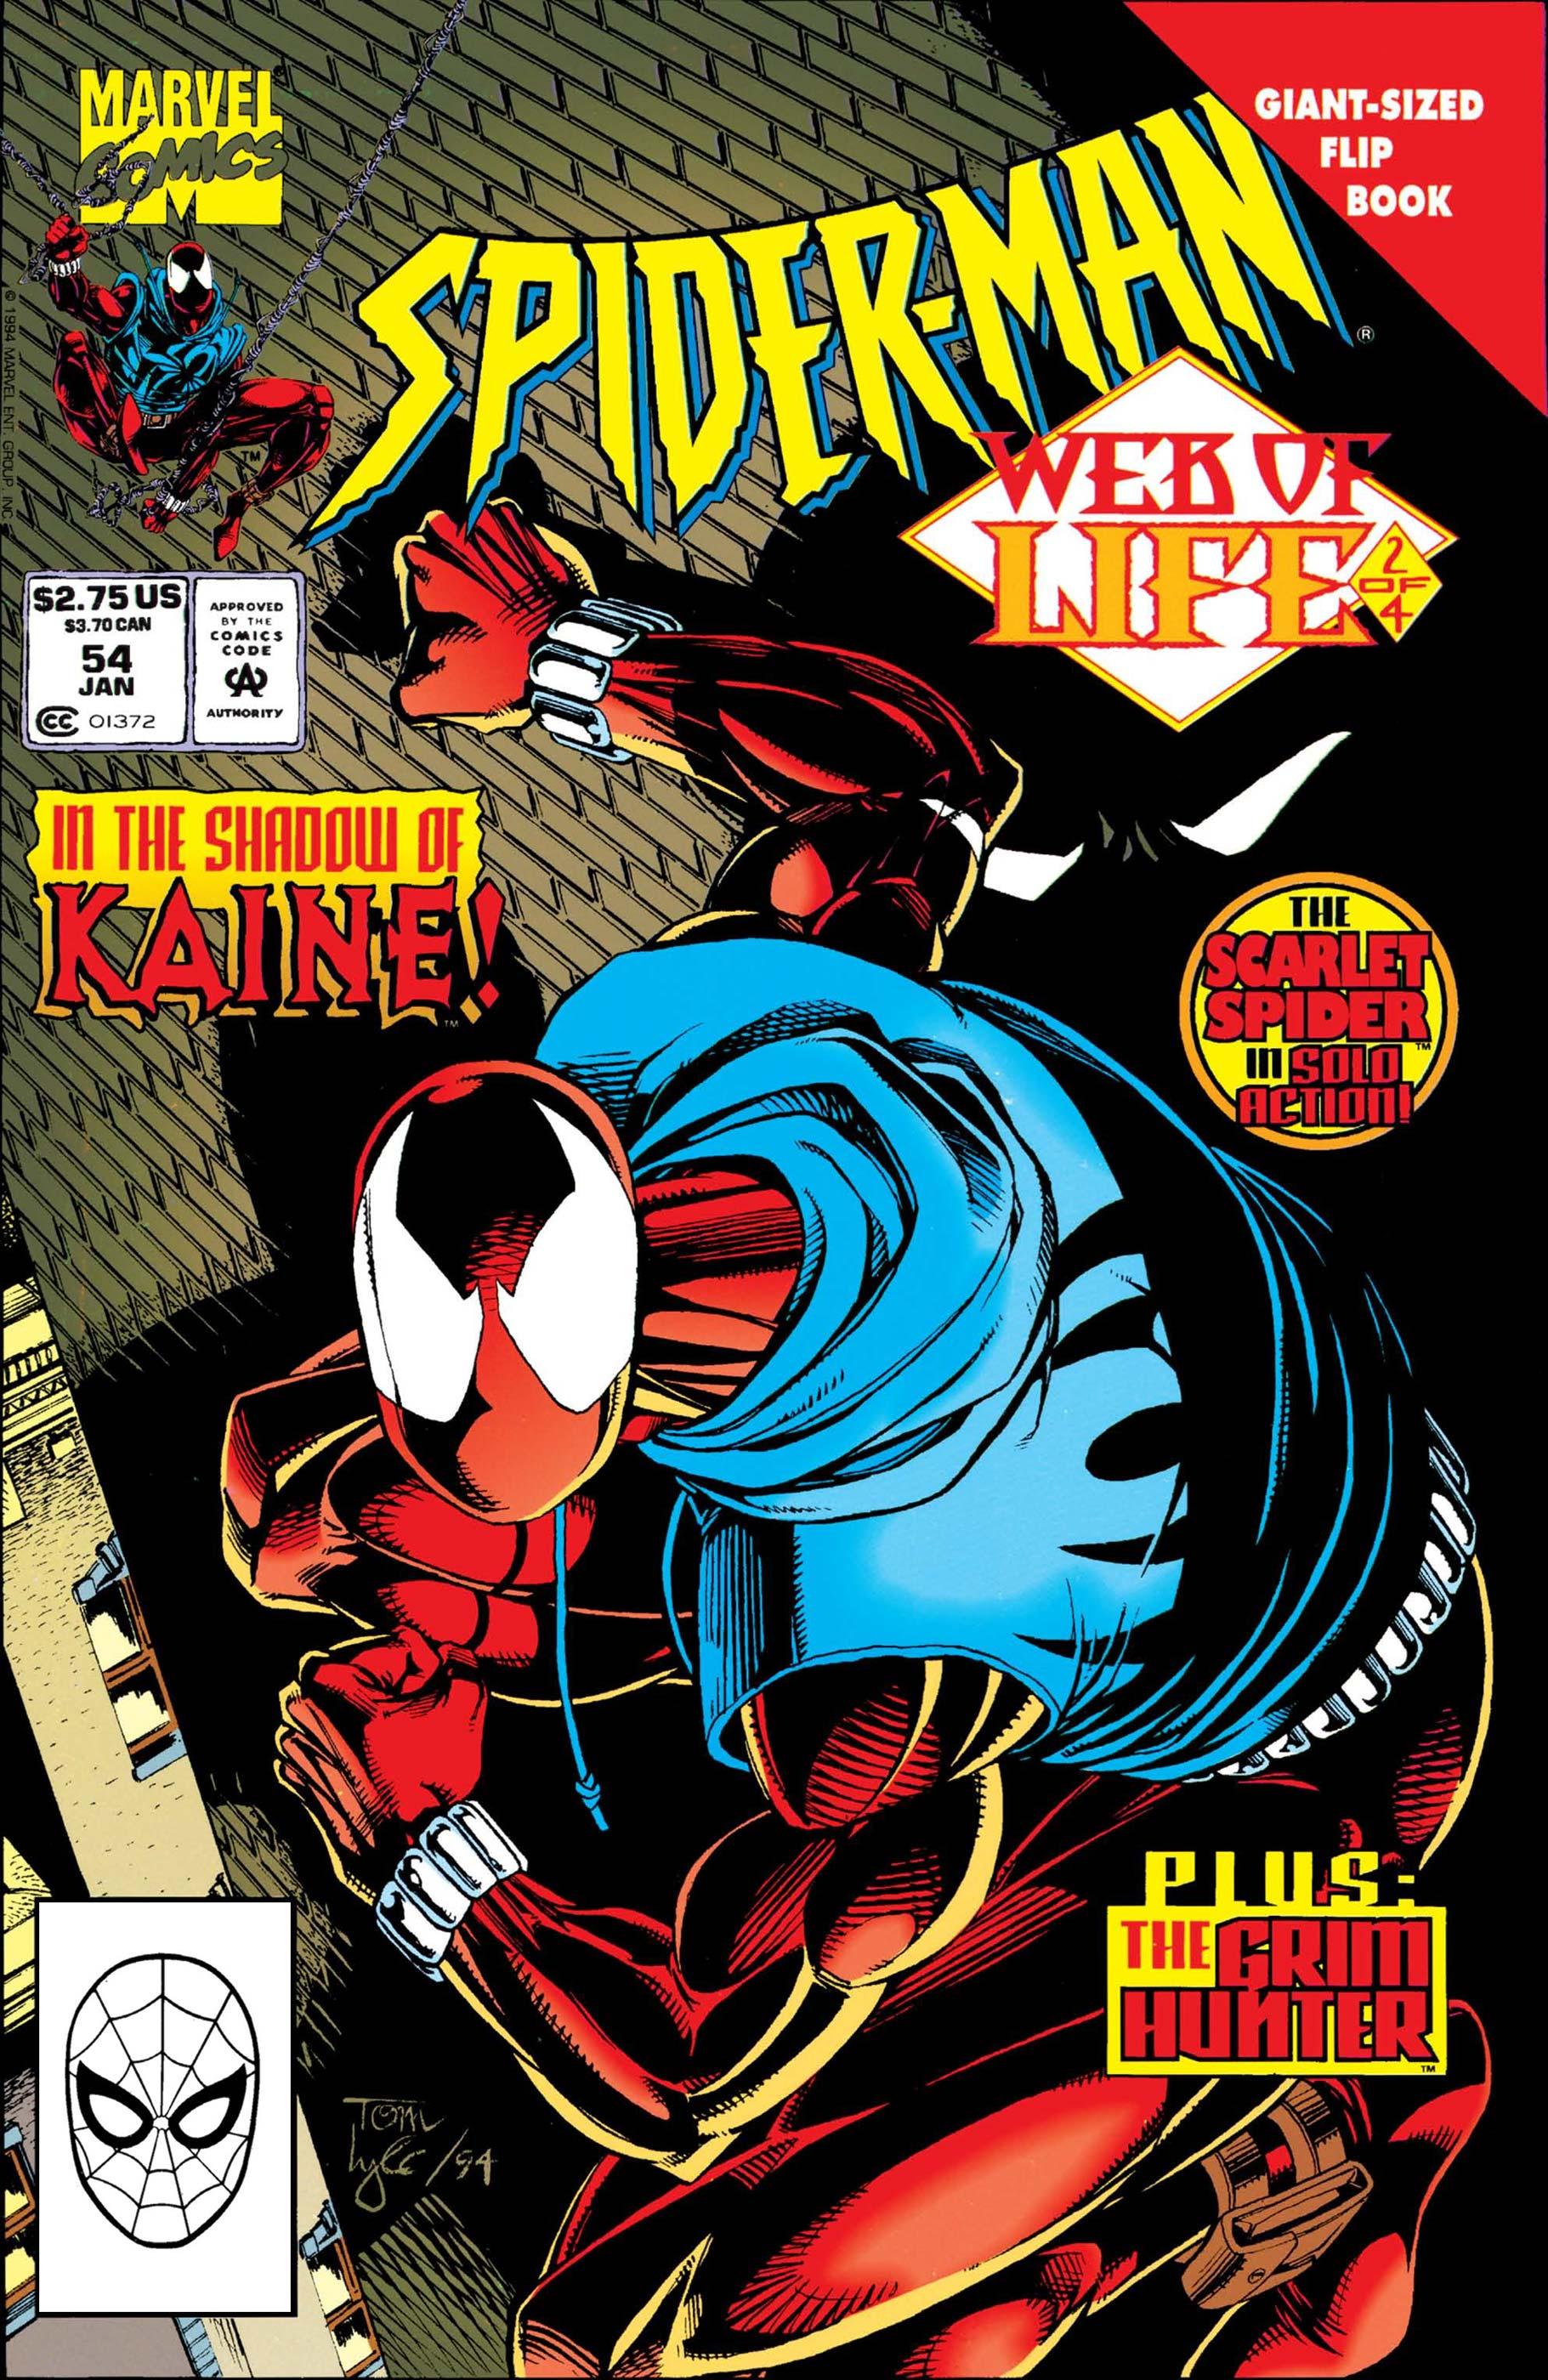 Spider-Man (1990) #54